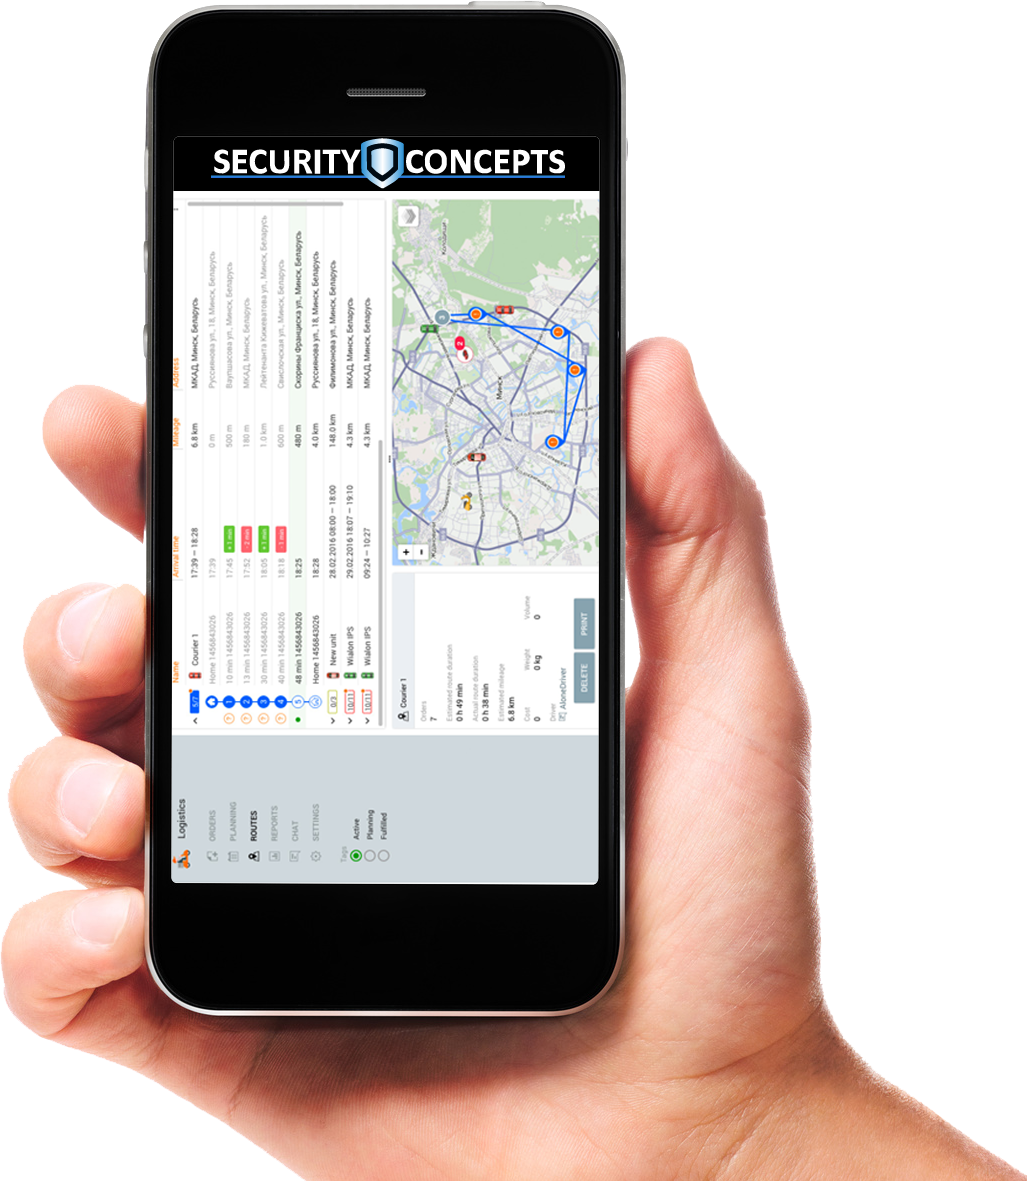 aplicación logistic security concepts